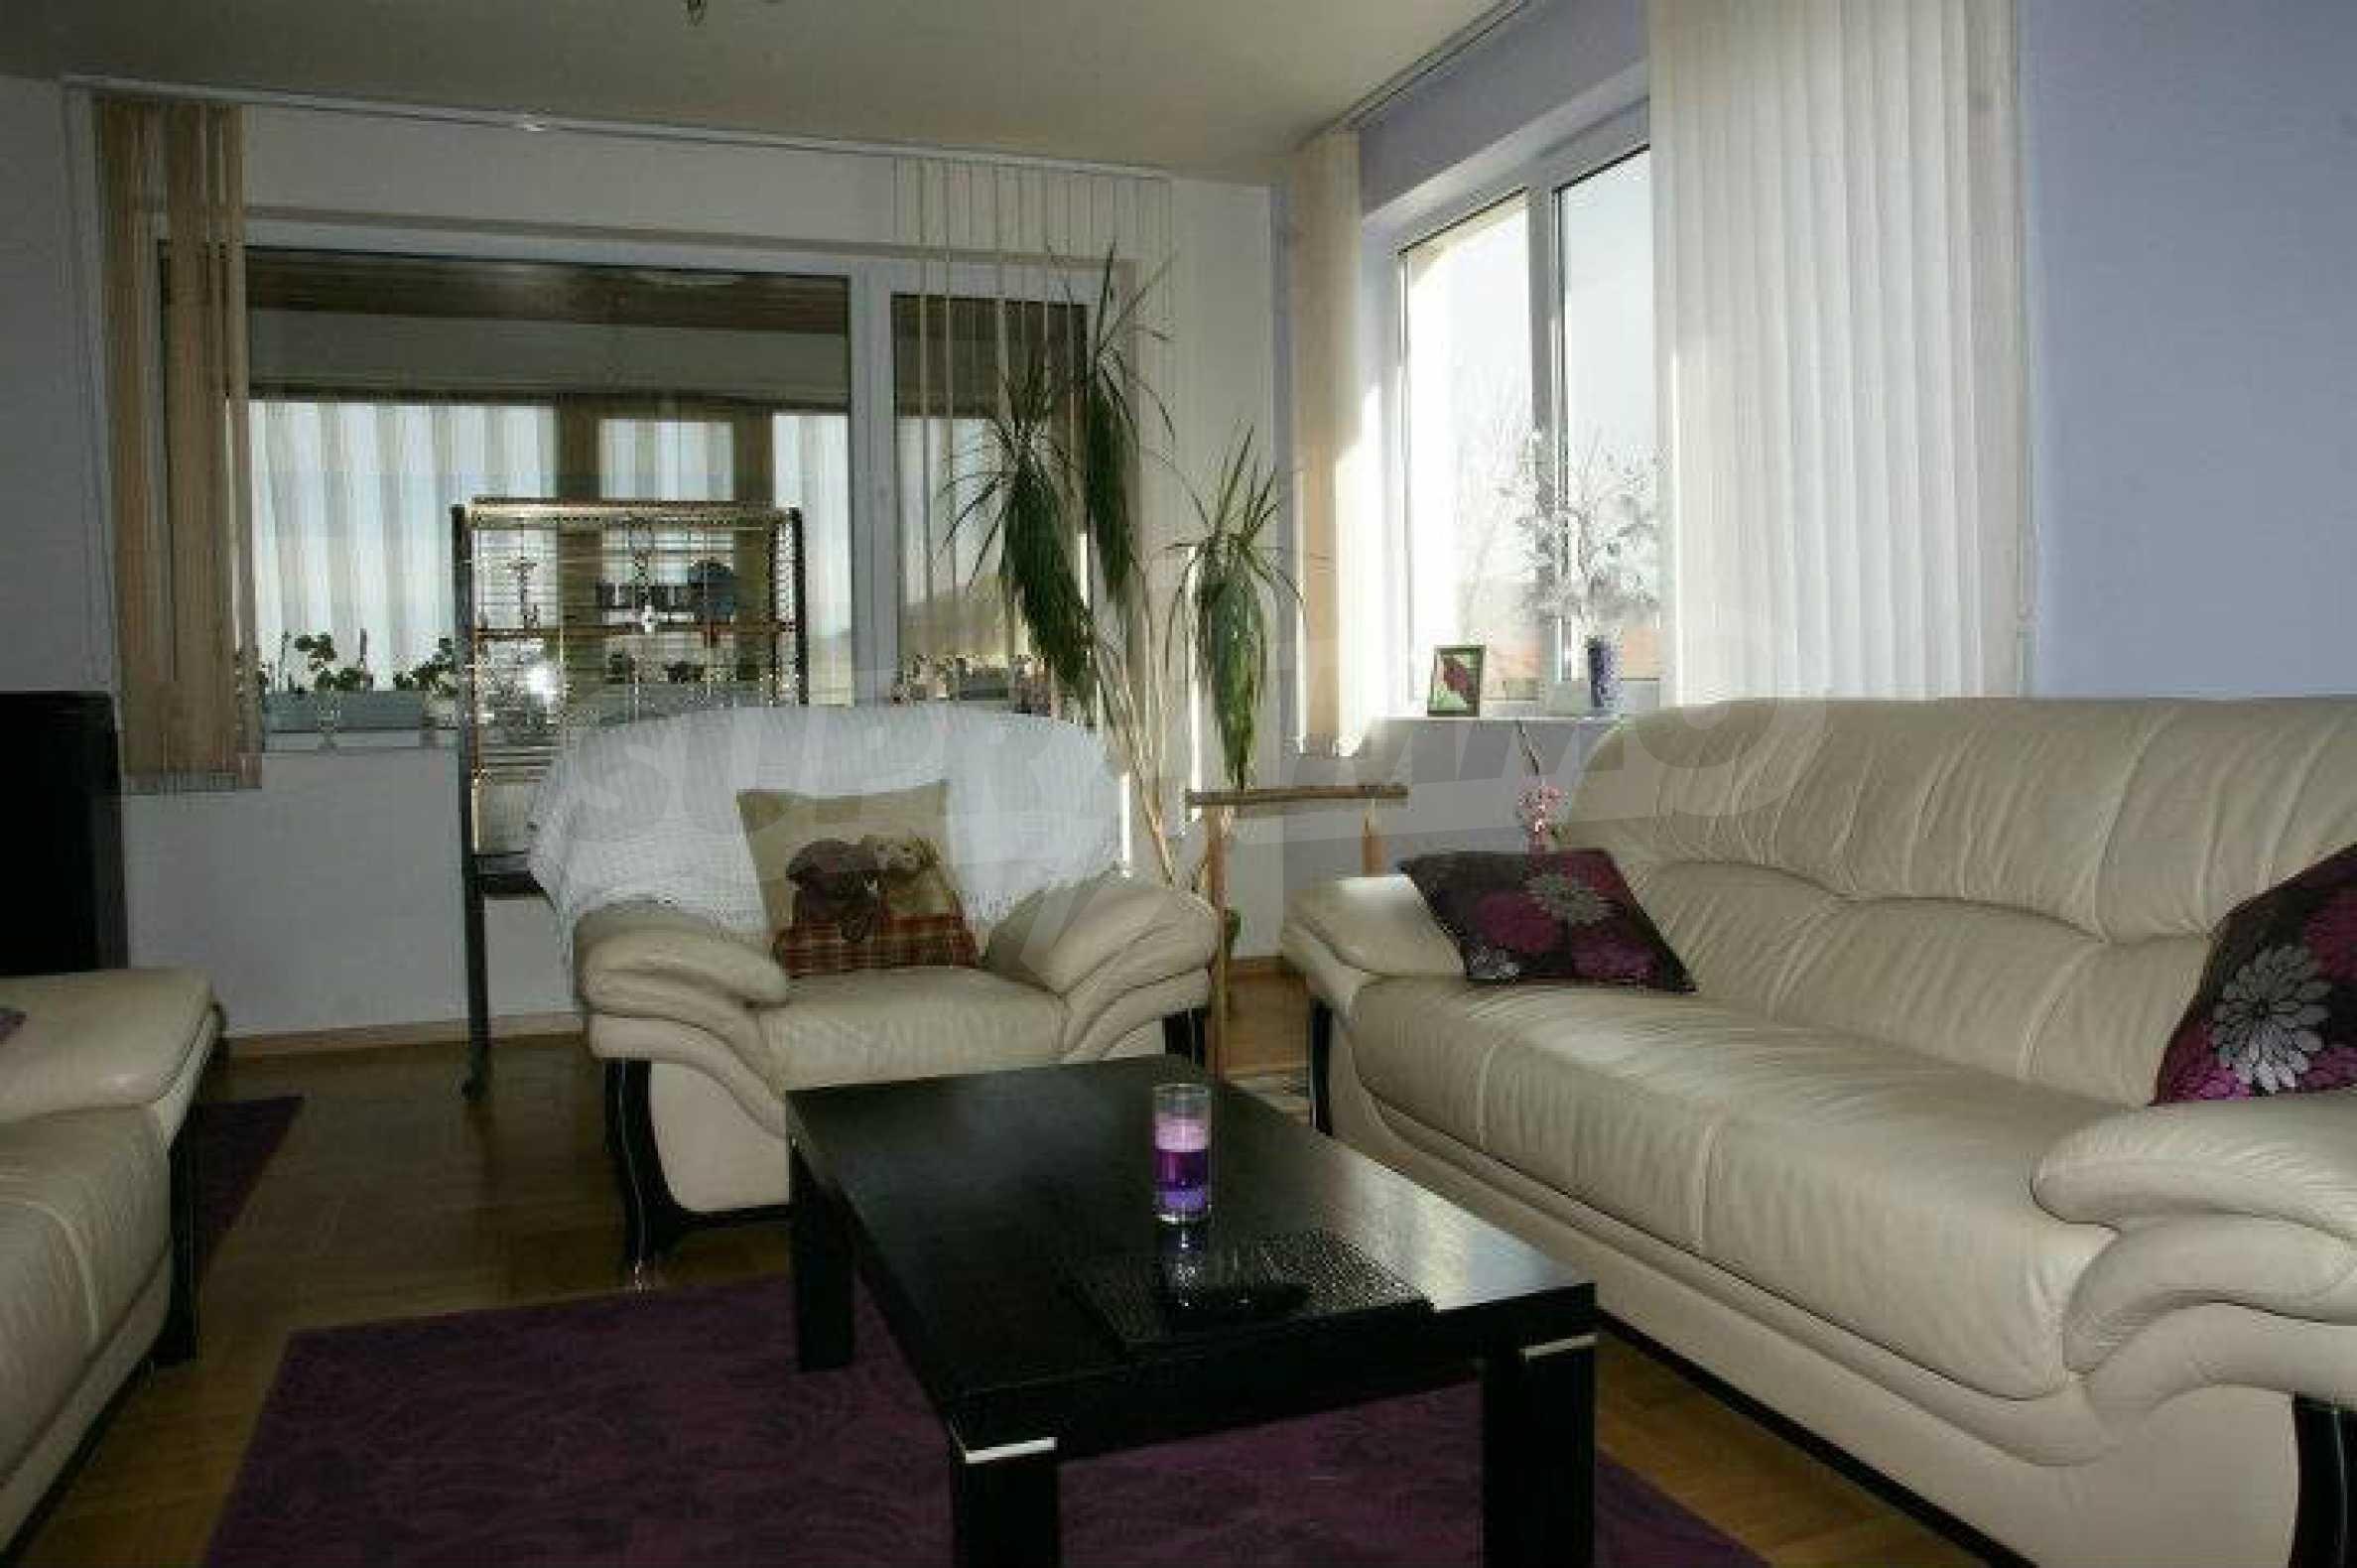 Zweistöckiges Haus mit Pool und Meerblick in der Nähe von Varna 4